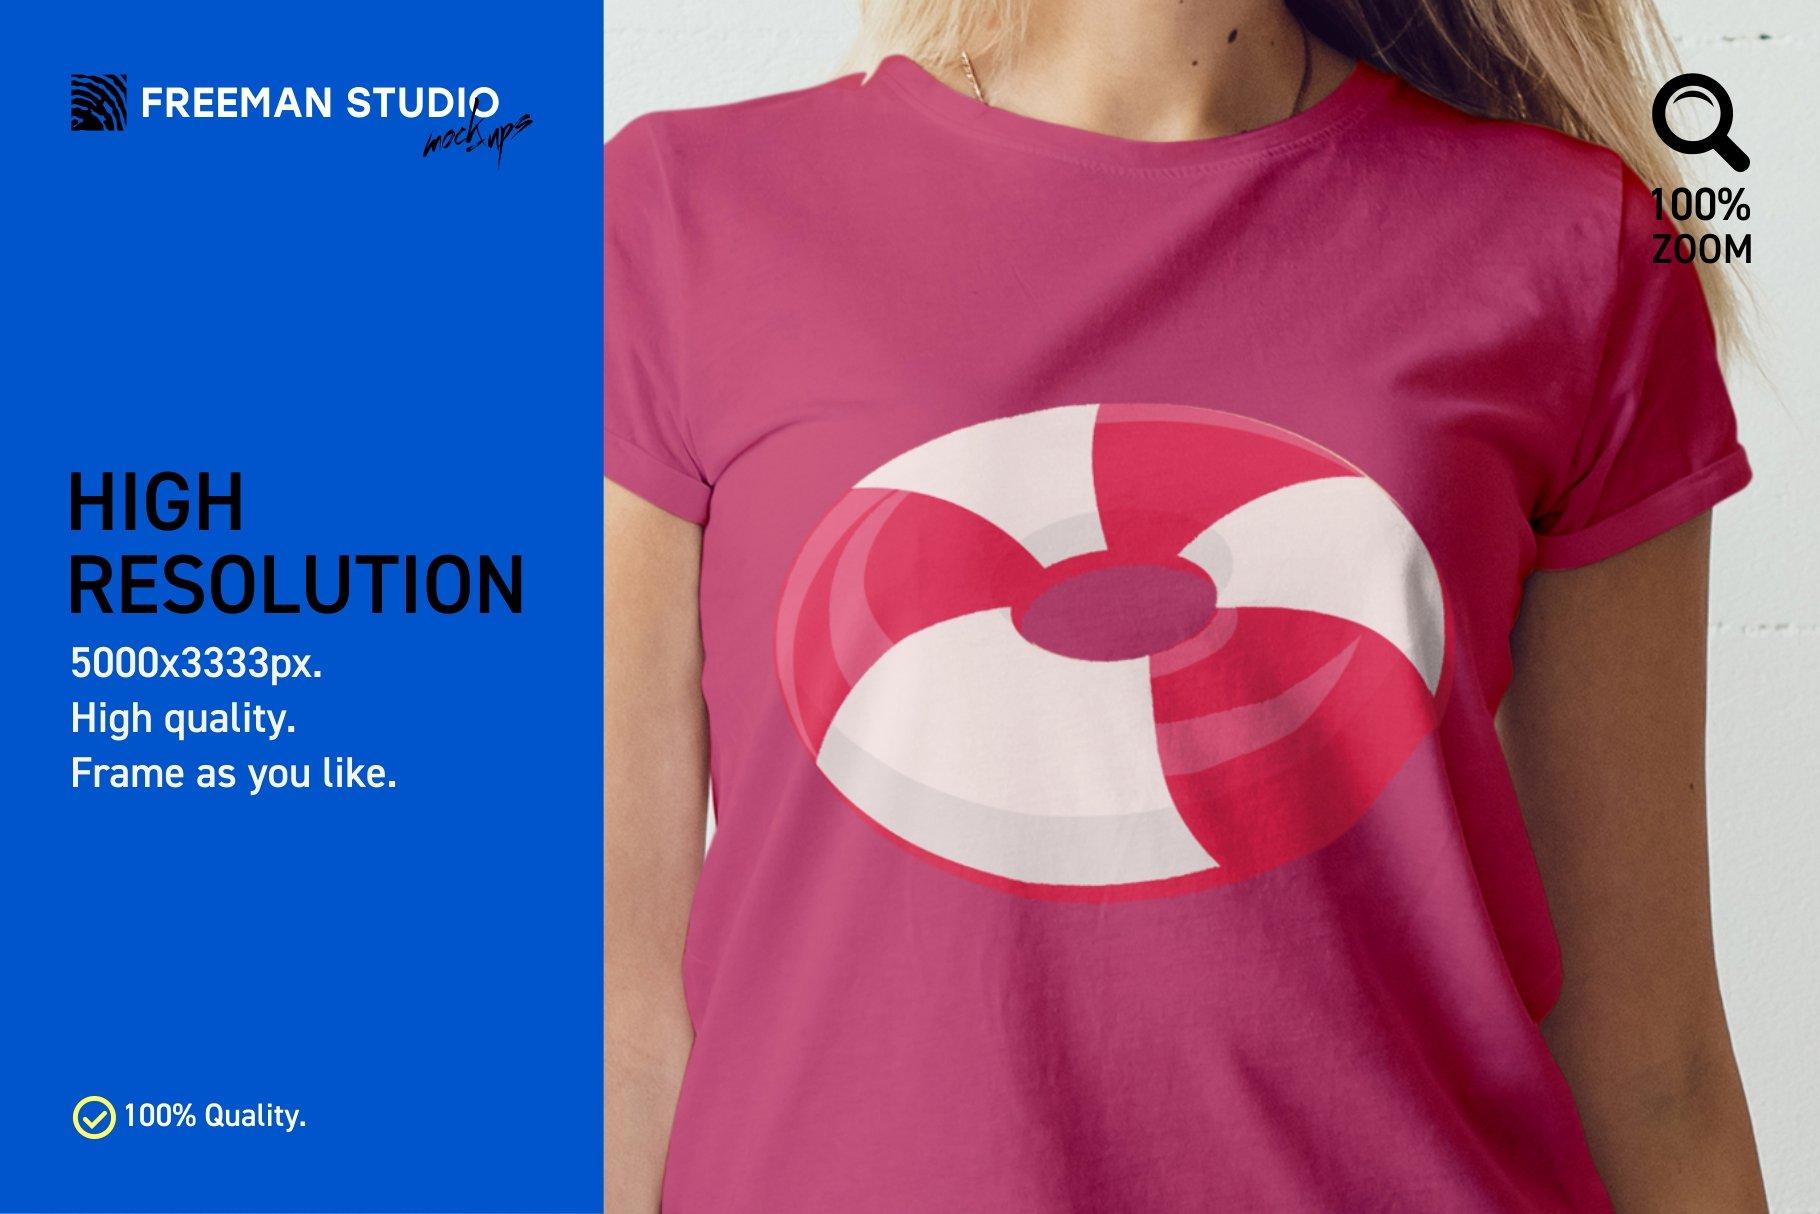 12个女式T恤半袖衫印花图案设计展示样机模板 T-Shirt Mockup Set插图(2)